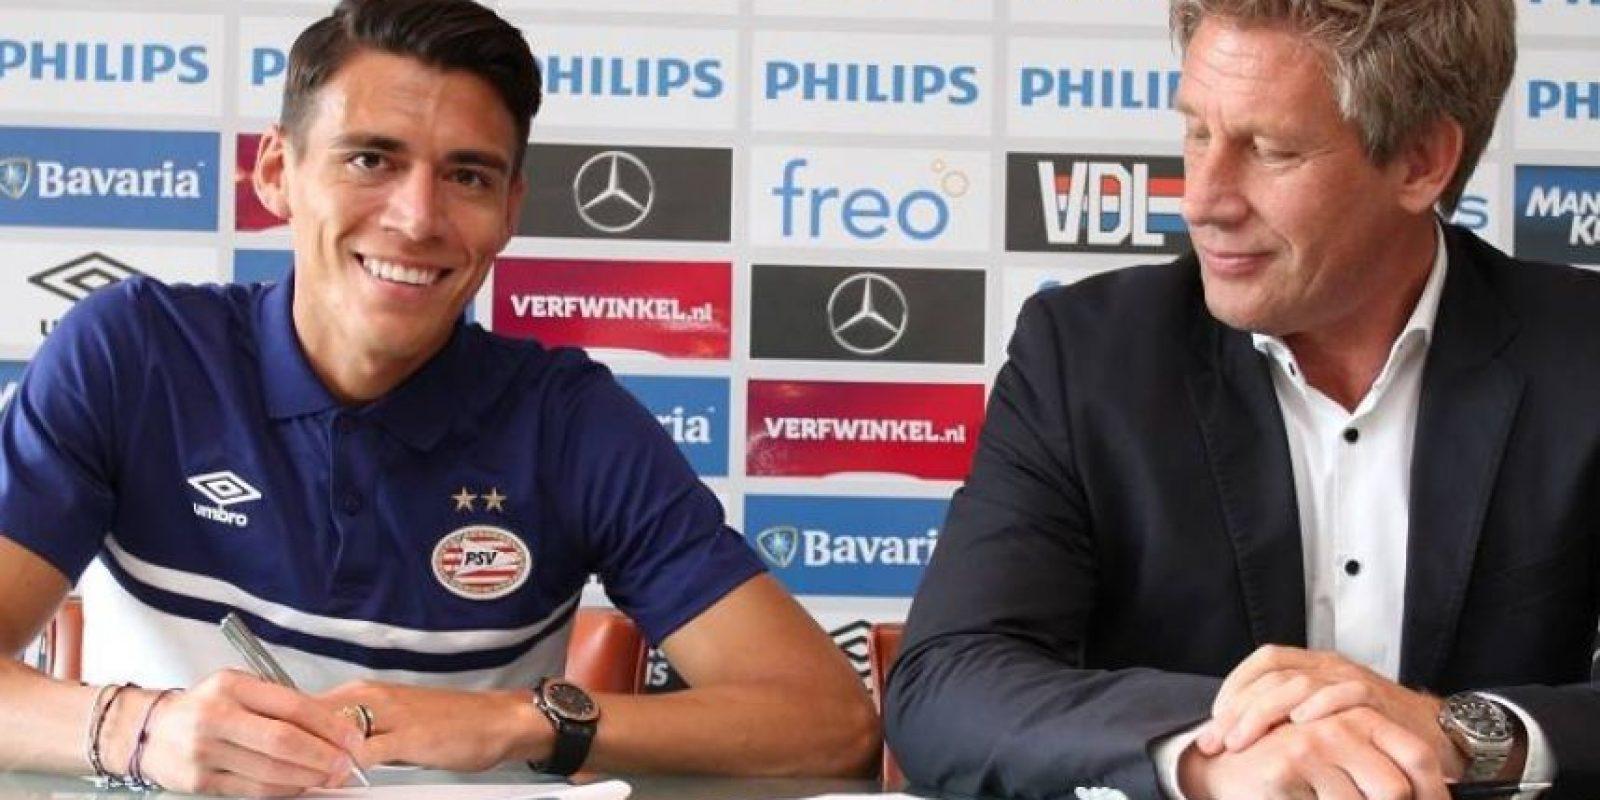 El PSV es el nuevo equipo del defensa mexicano que militó en el Espanyol de Barcelona. Foto:Vía facebook.com/PSV